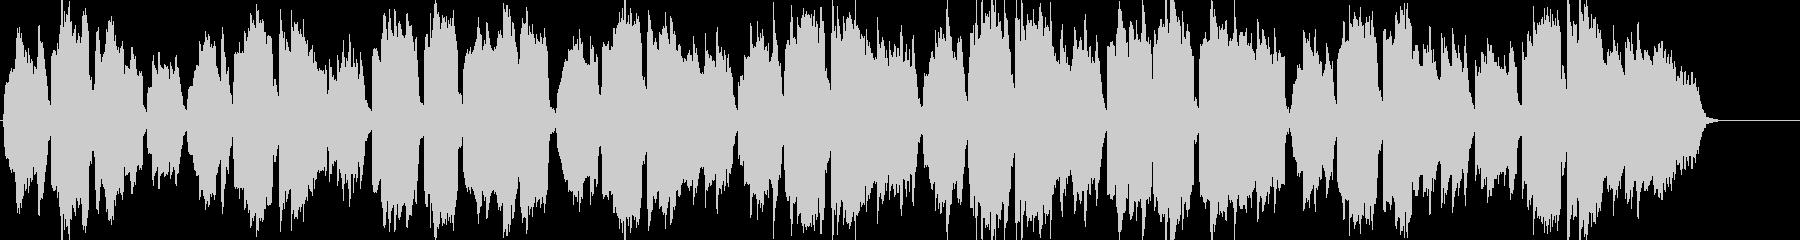 ケルトのホイッスルとハープのやわらかな曲の未再生の波形